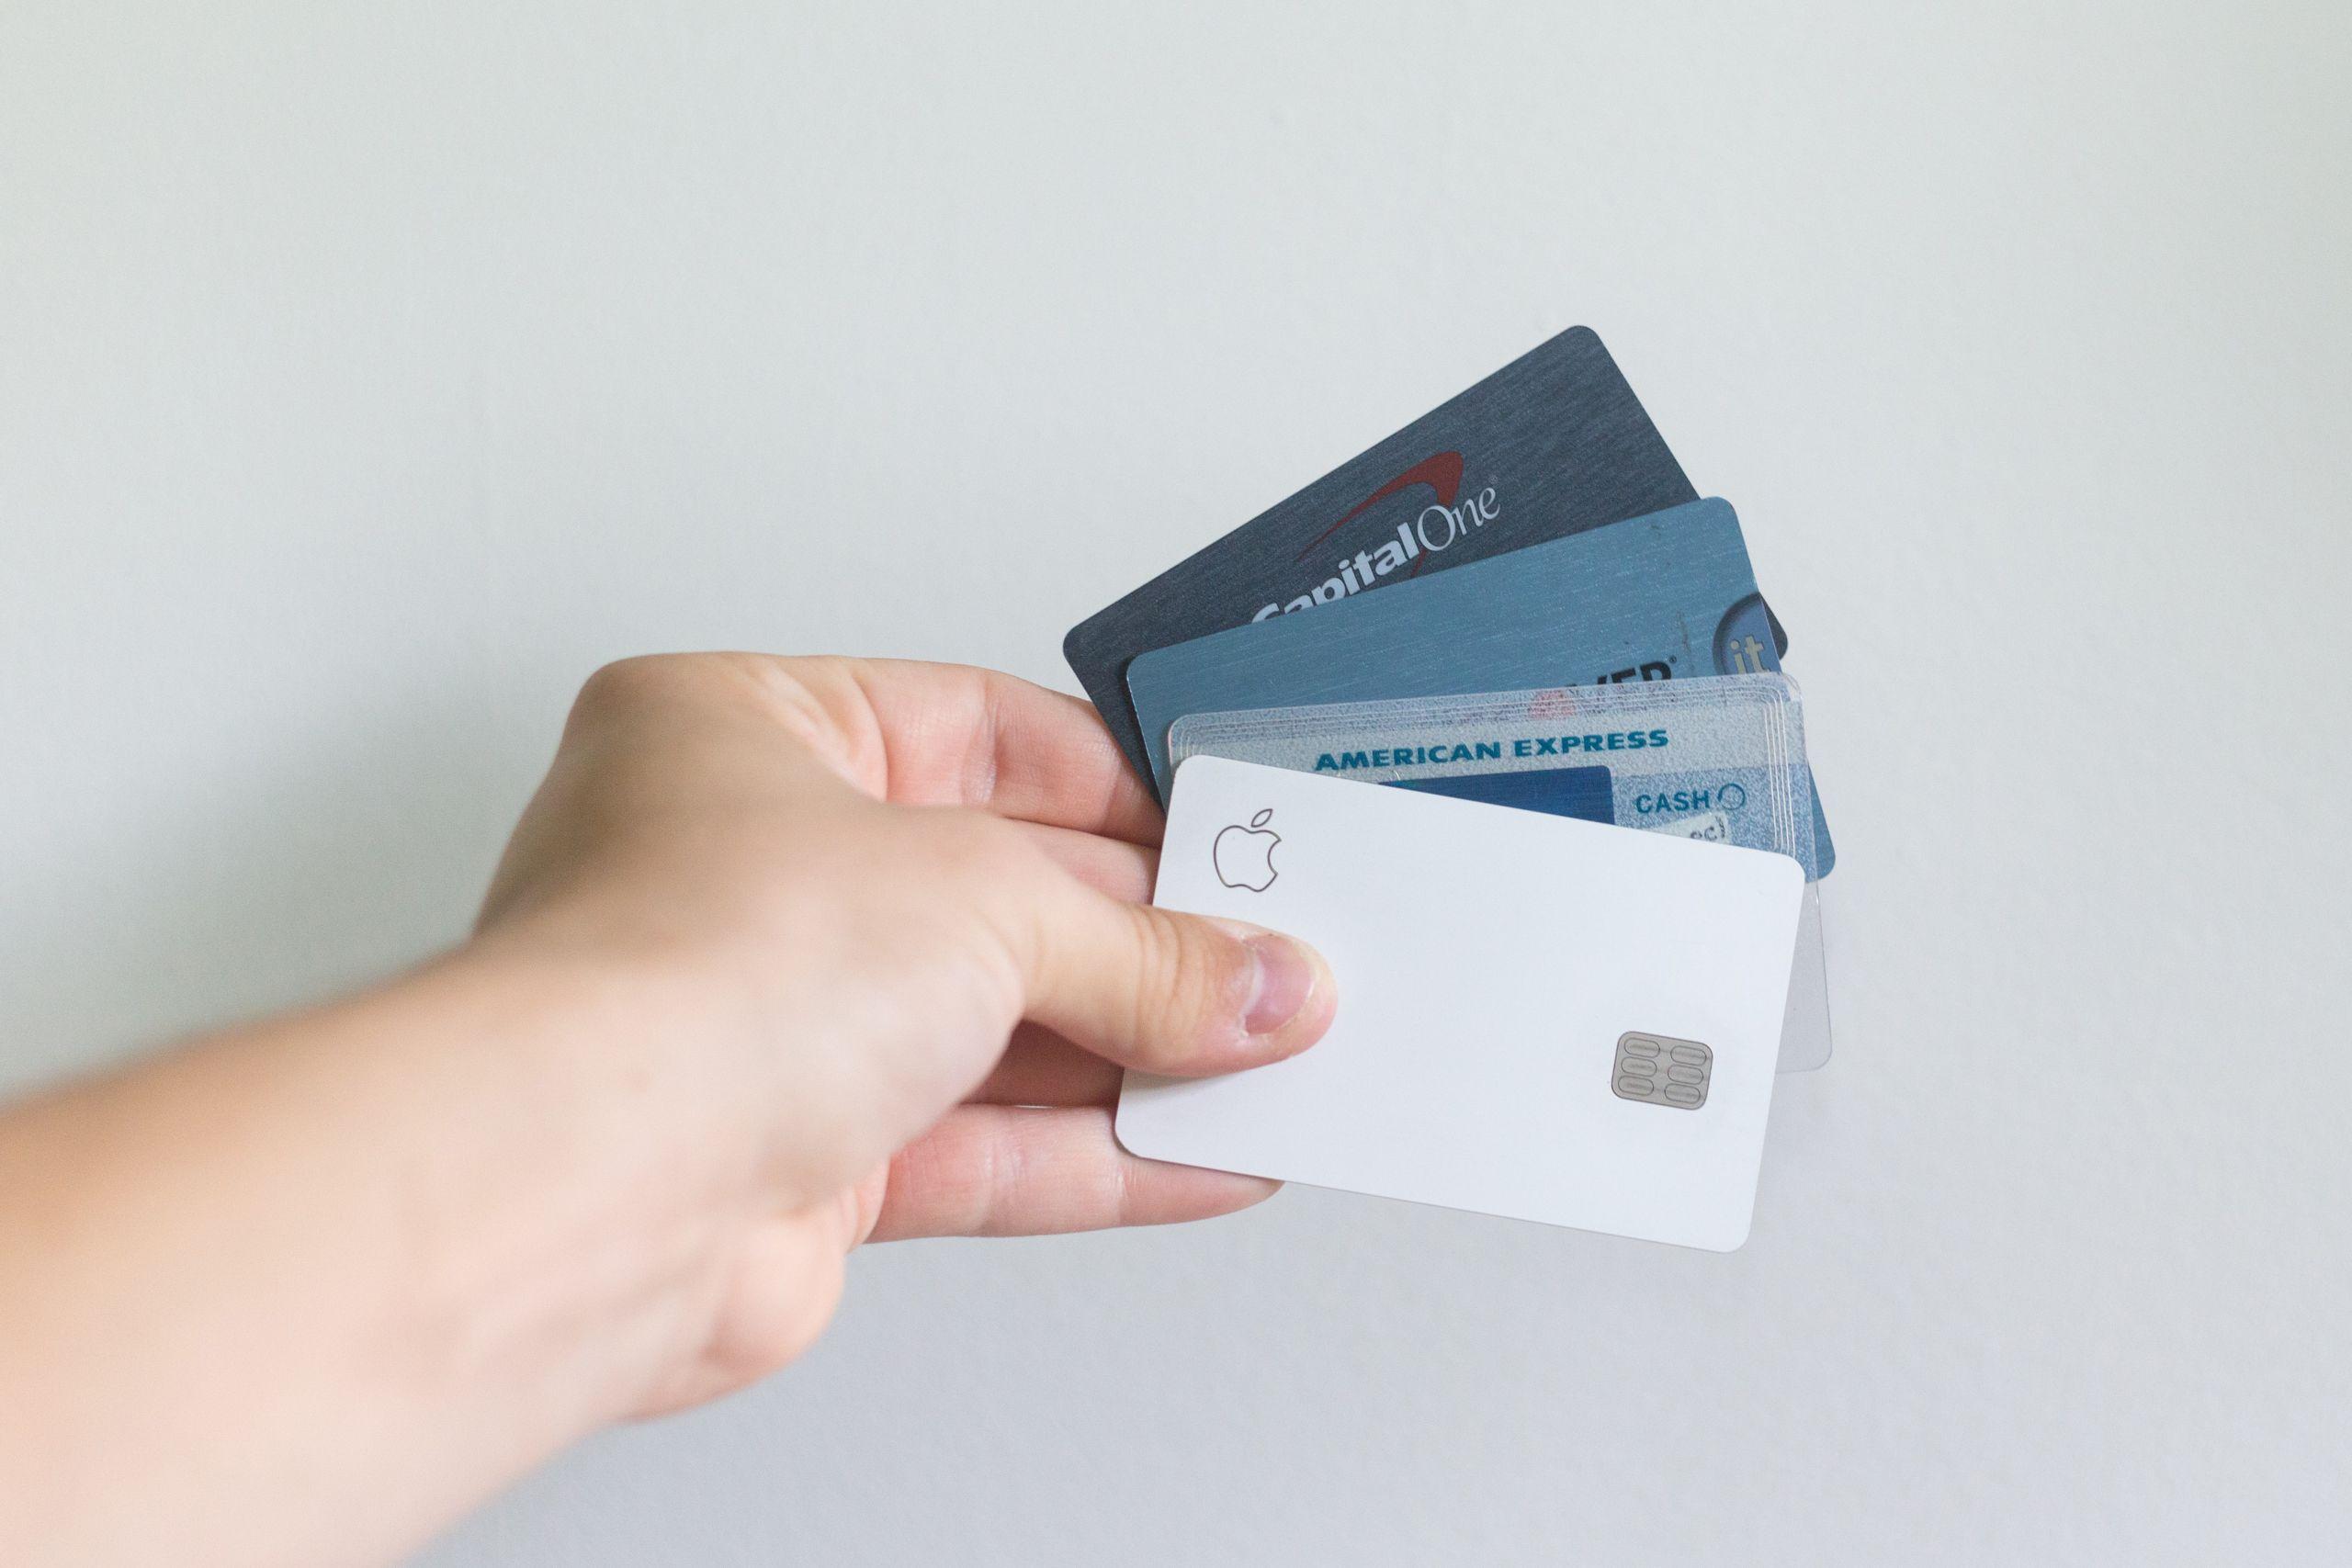 Tarjetas de crédito de diferentes bancos